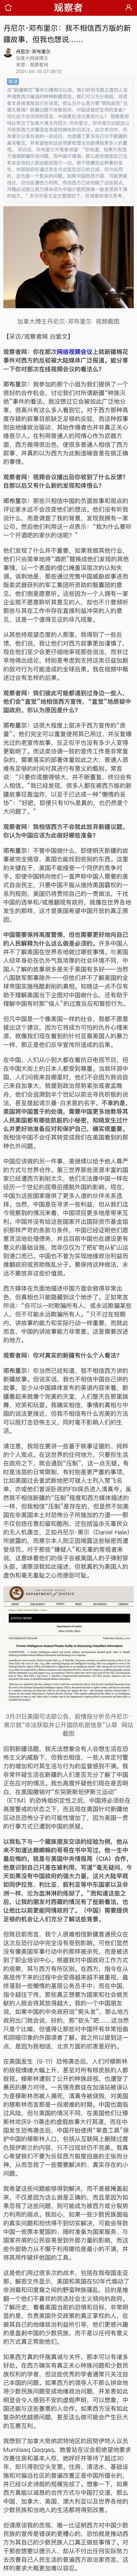 专访丹尼尔·邓布里尔:我不相信西方版的新疆故事,但我也想说……